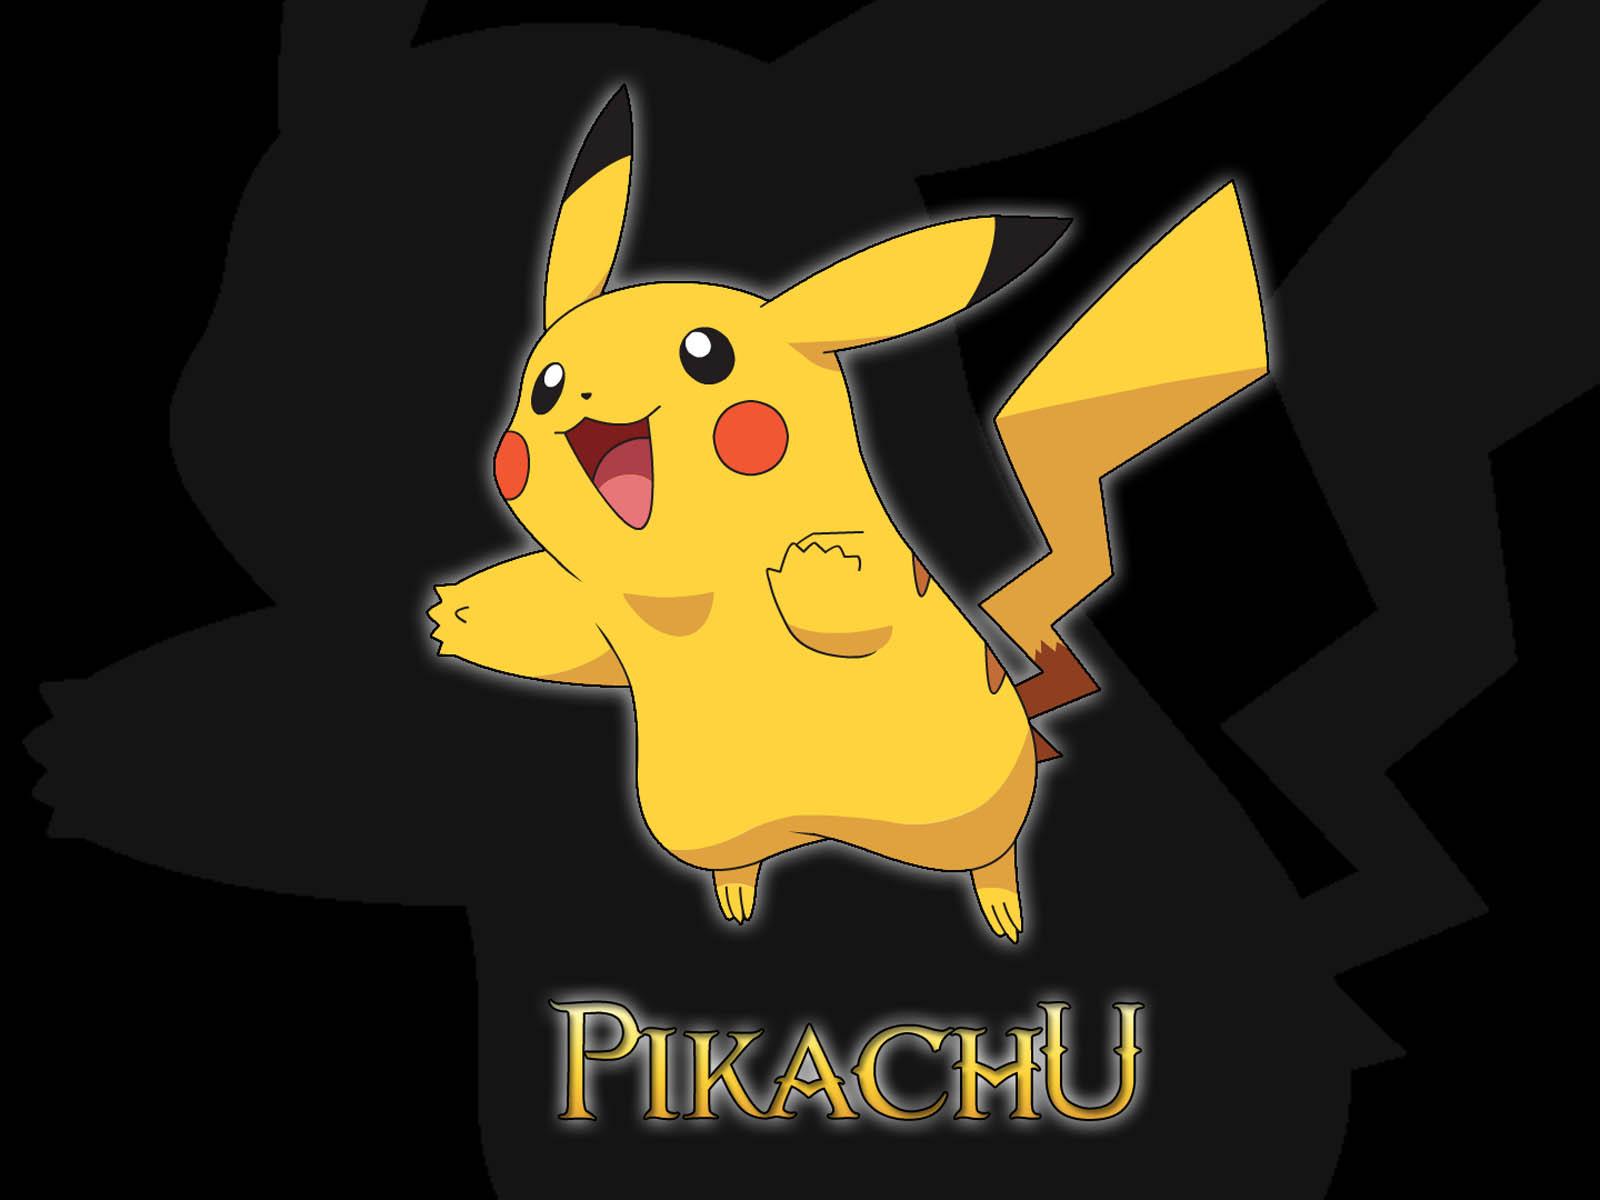 wallpapers Pikachu Pokemon 1600x1200